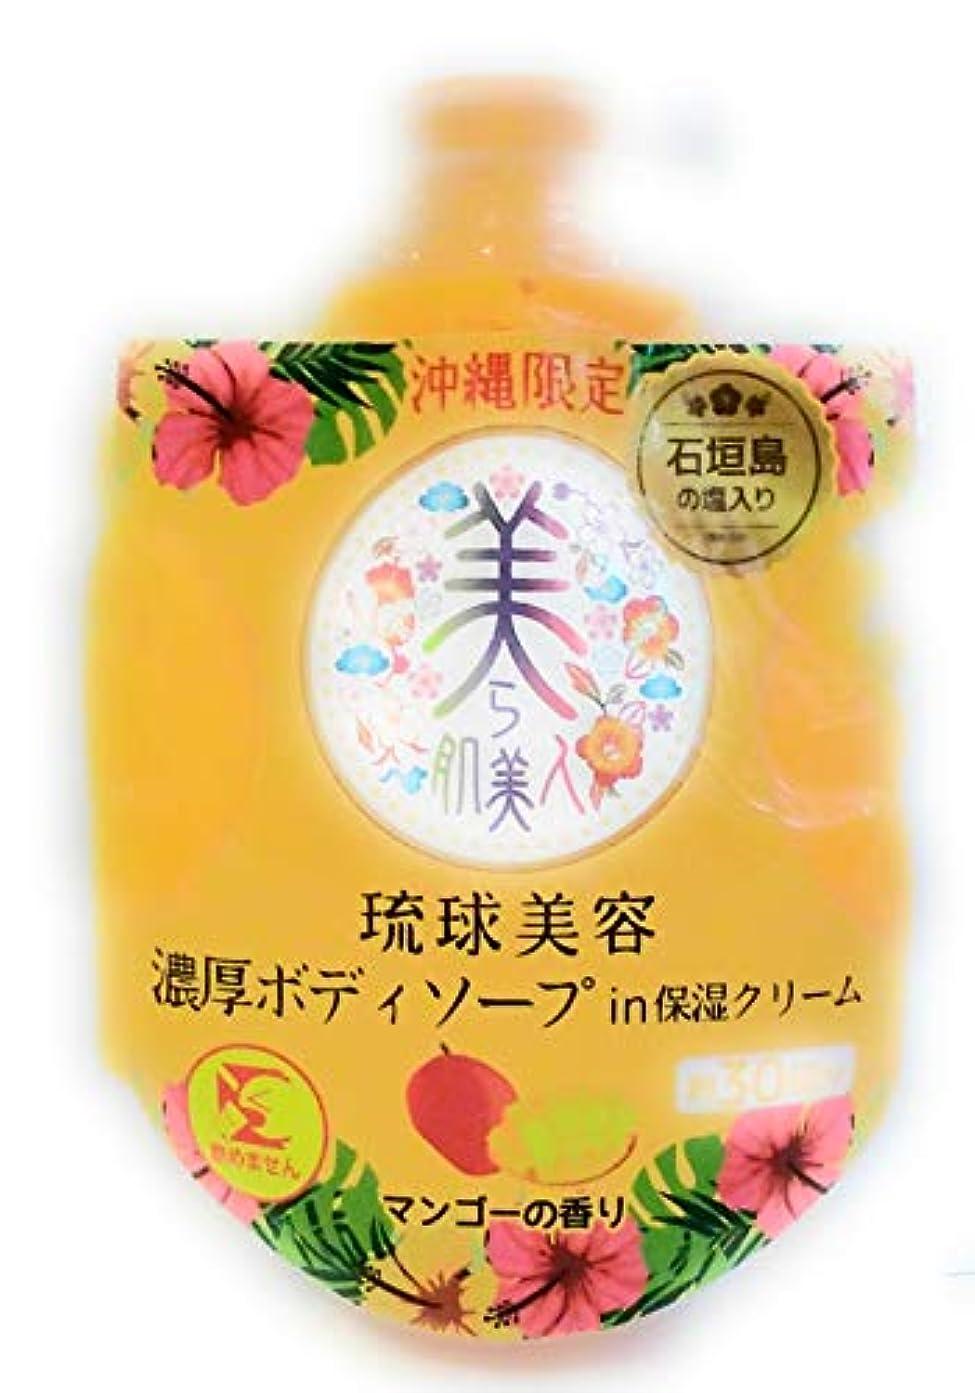 膨らませる利点ジョセフバンクス沖縄限定 美ら肌美人 琉球美容濃厚ボディソープin保湿クリーム マンゴーの香り